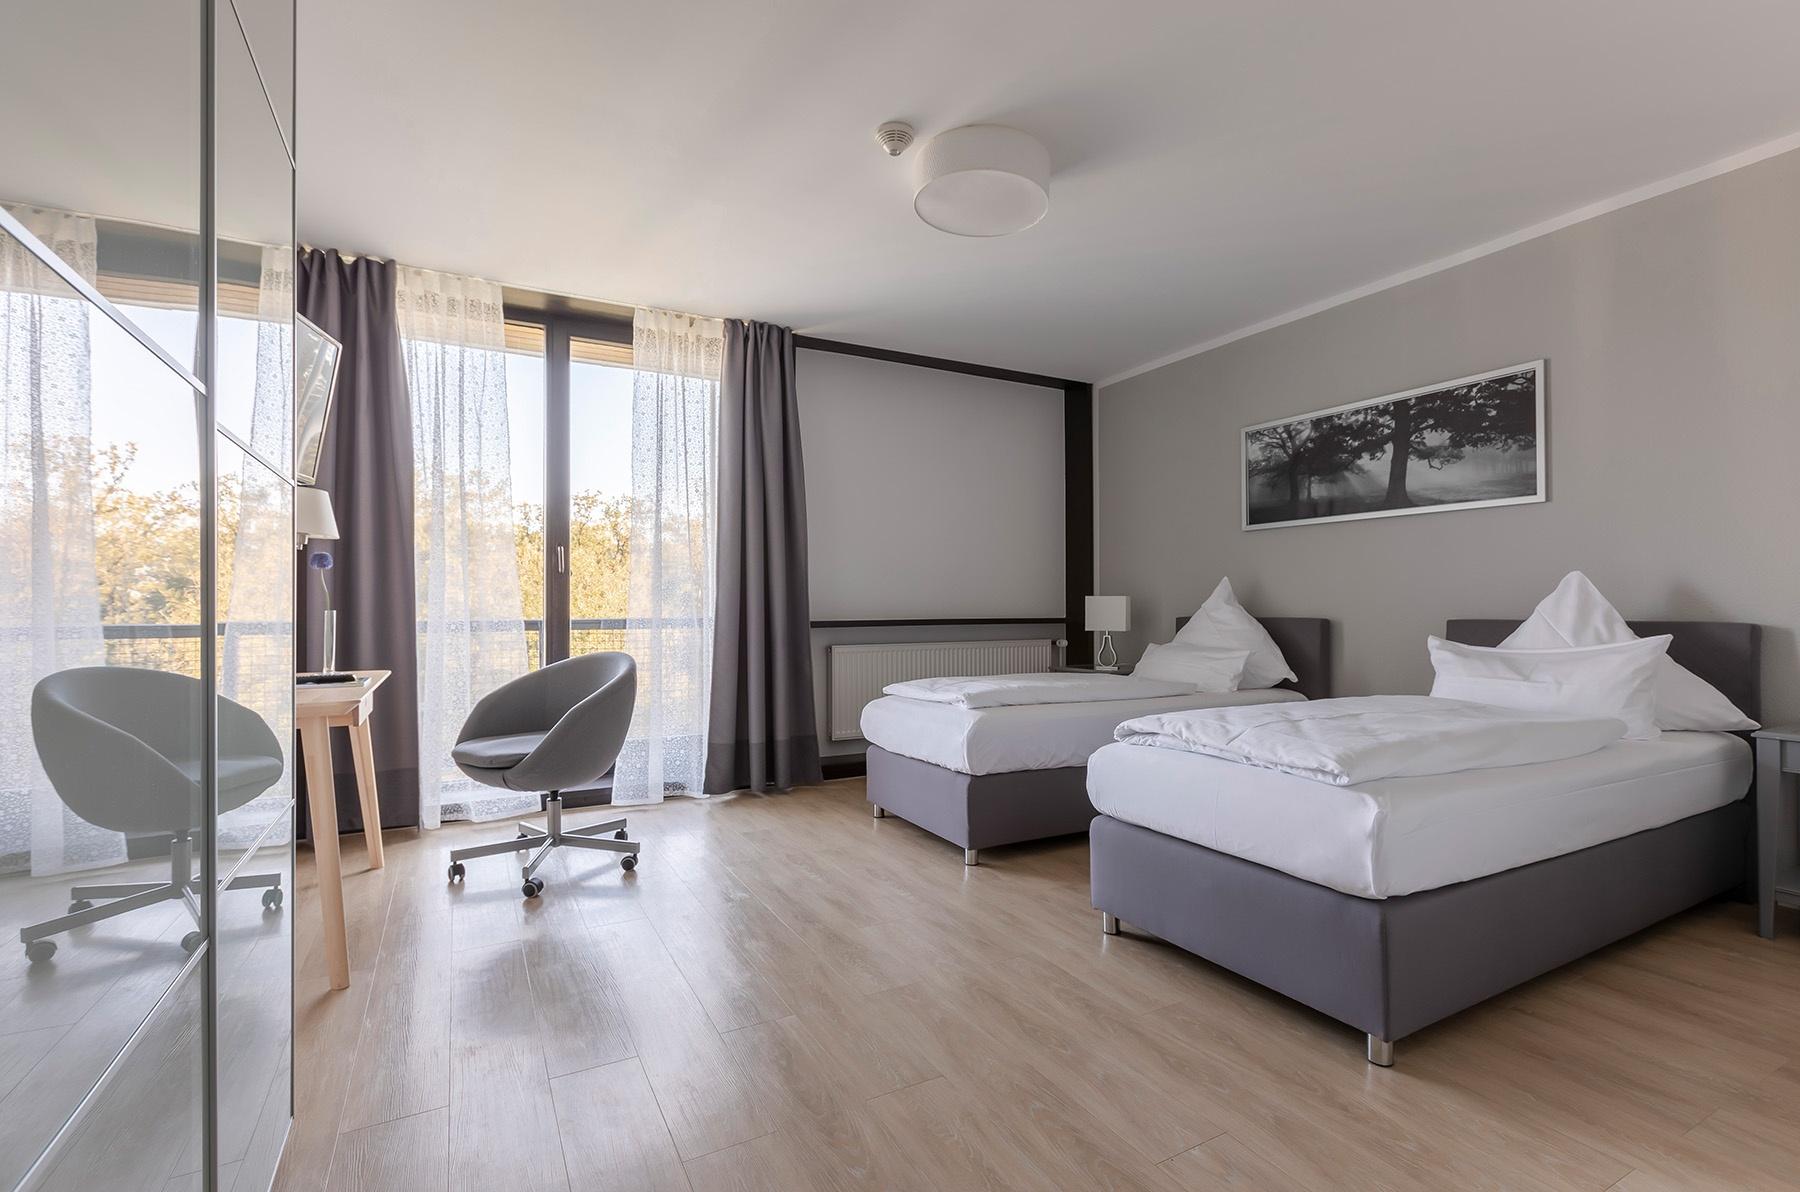 Doppelzimmer im Haus Neuland